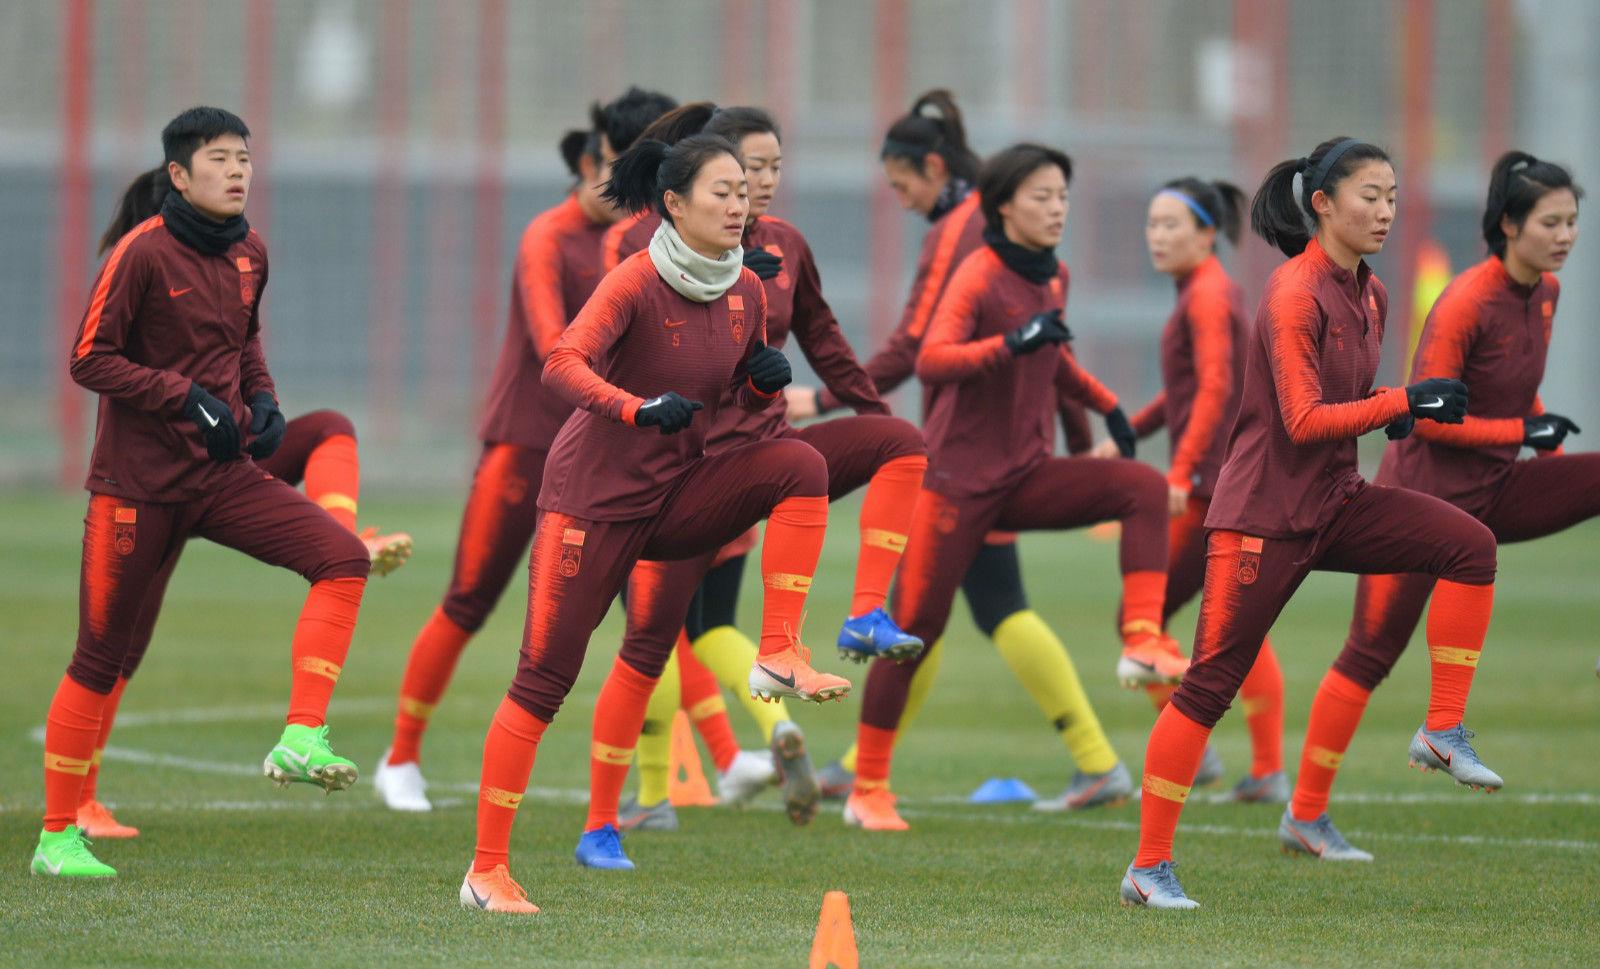 """女足完成赛前适应场地训练 将与澳大利亚争夺小组头名 """" width="""